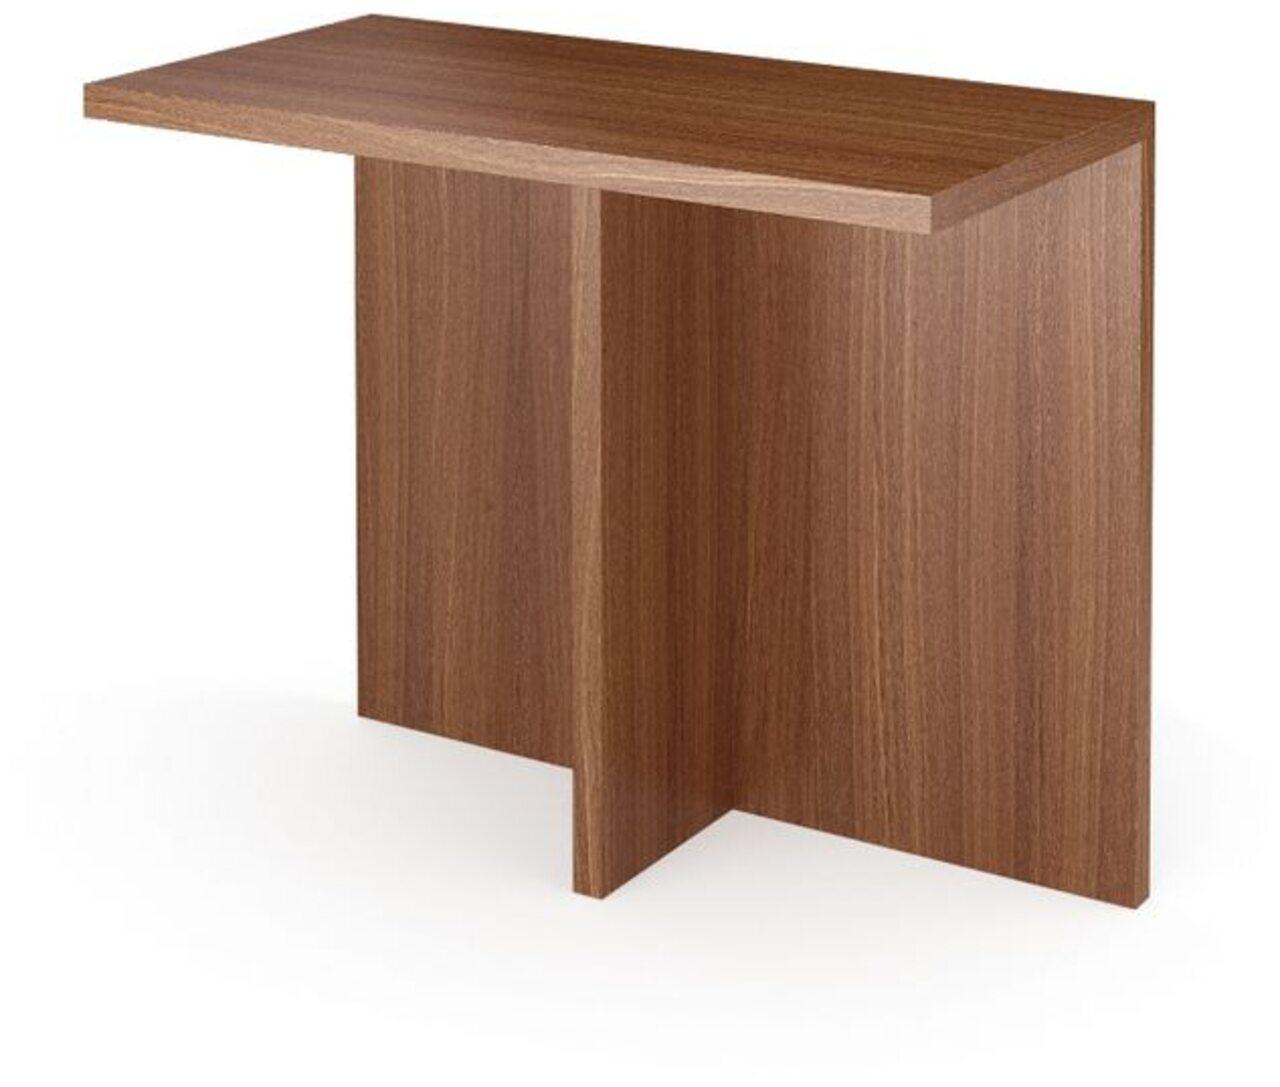 Окончание стола заседаний Акцент 135x90x75 - фото 6